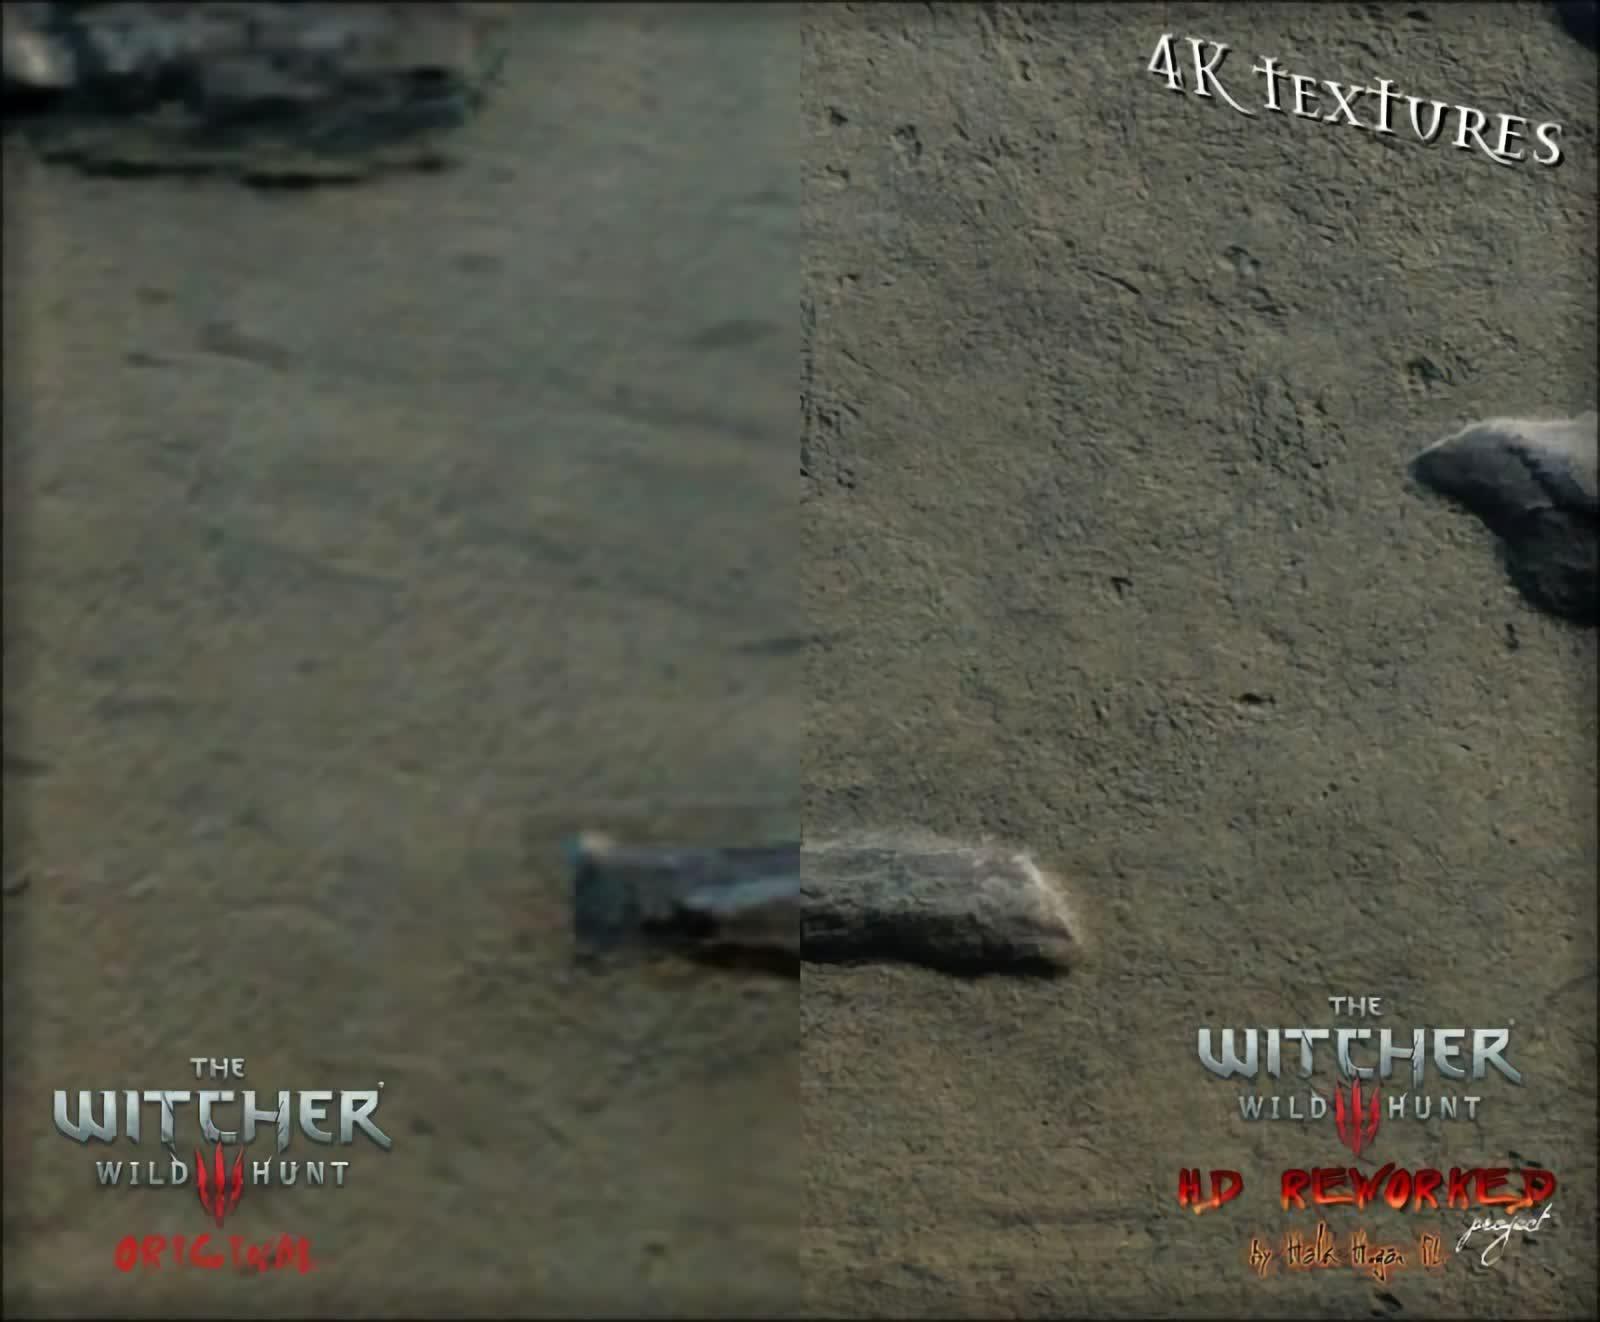 Porównanie grafiki Wiedźmina 3 z modem The Witcher 3 HD Reworked Project 12.0 Ultimate